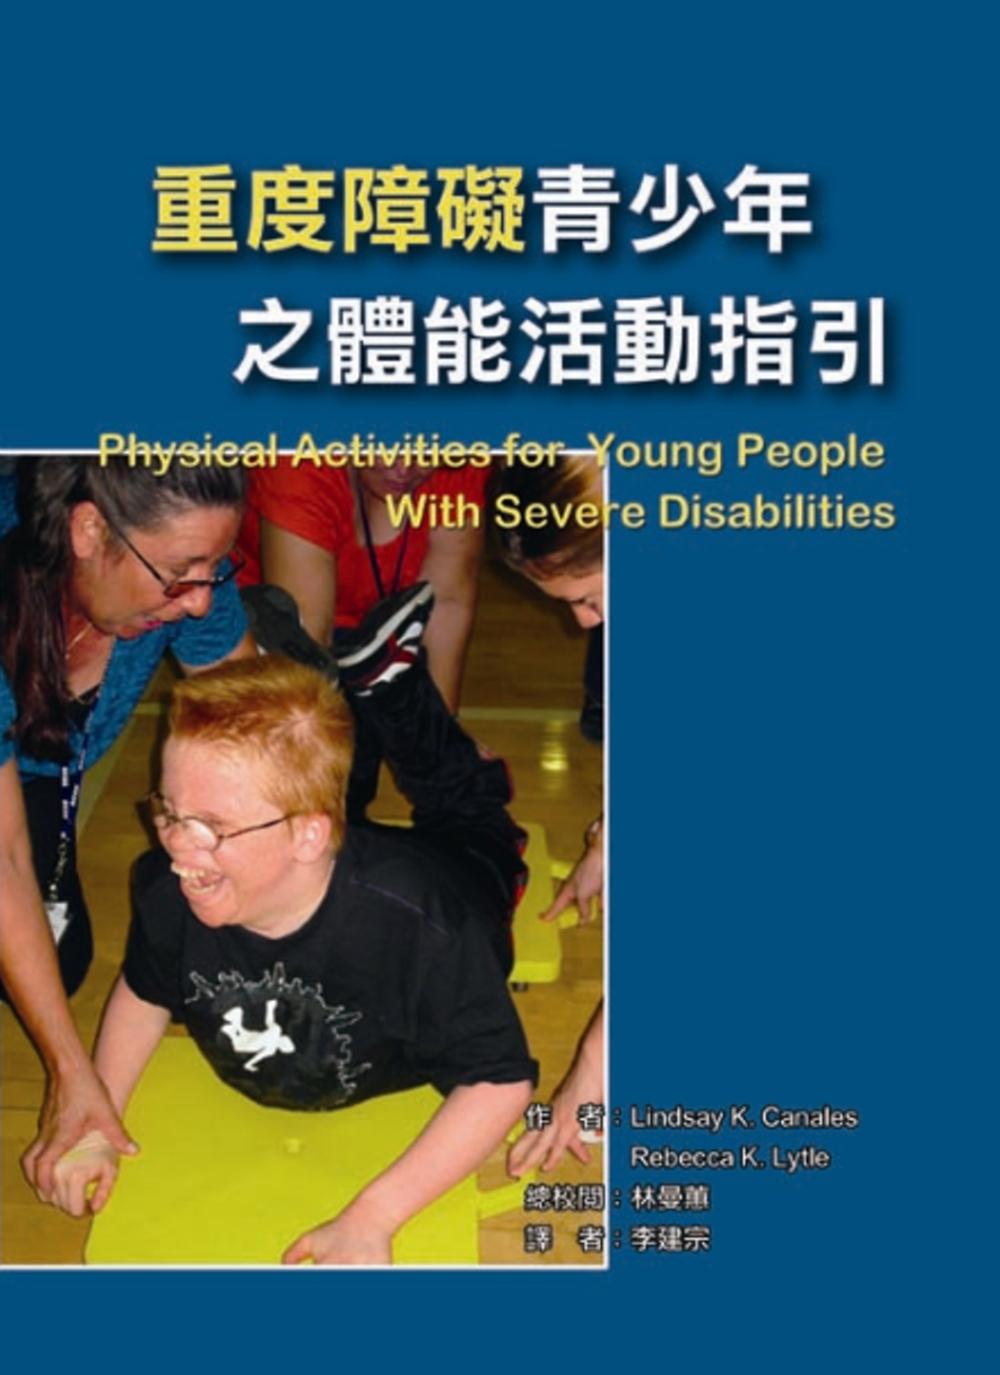 重度障礙青少年之體能活動指引